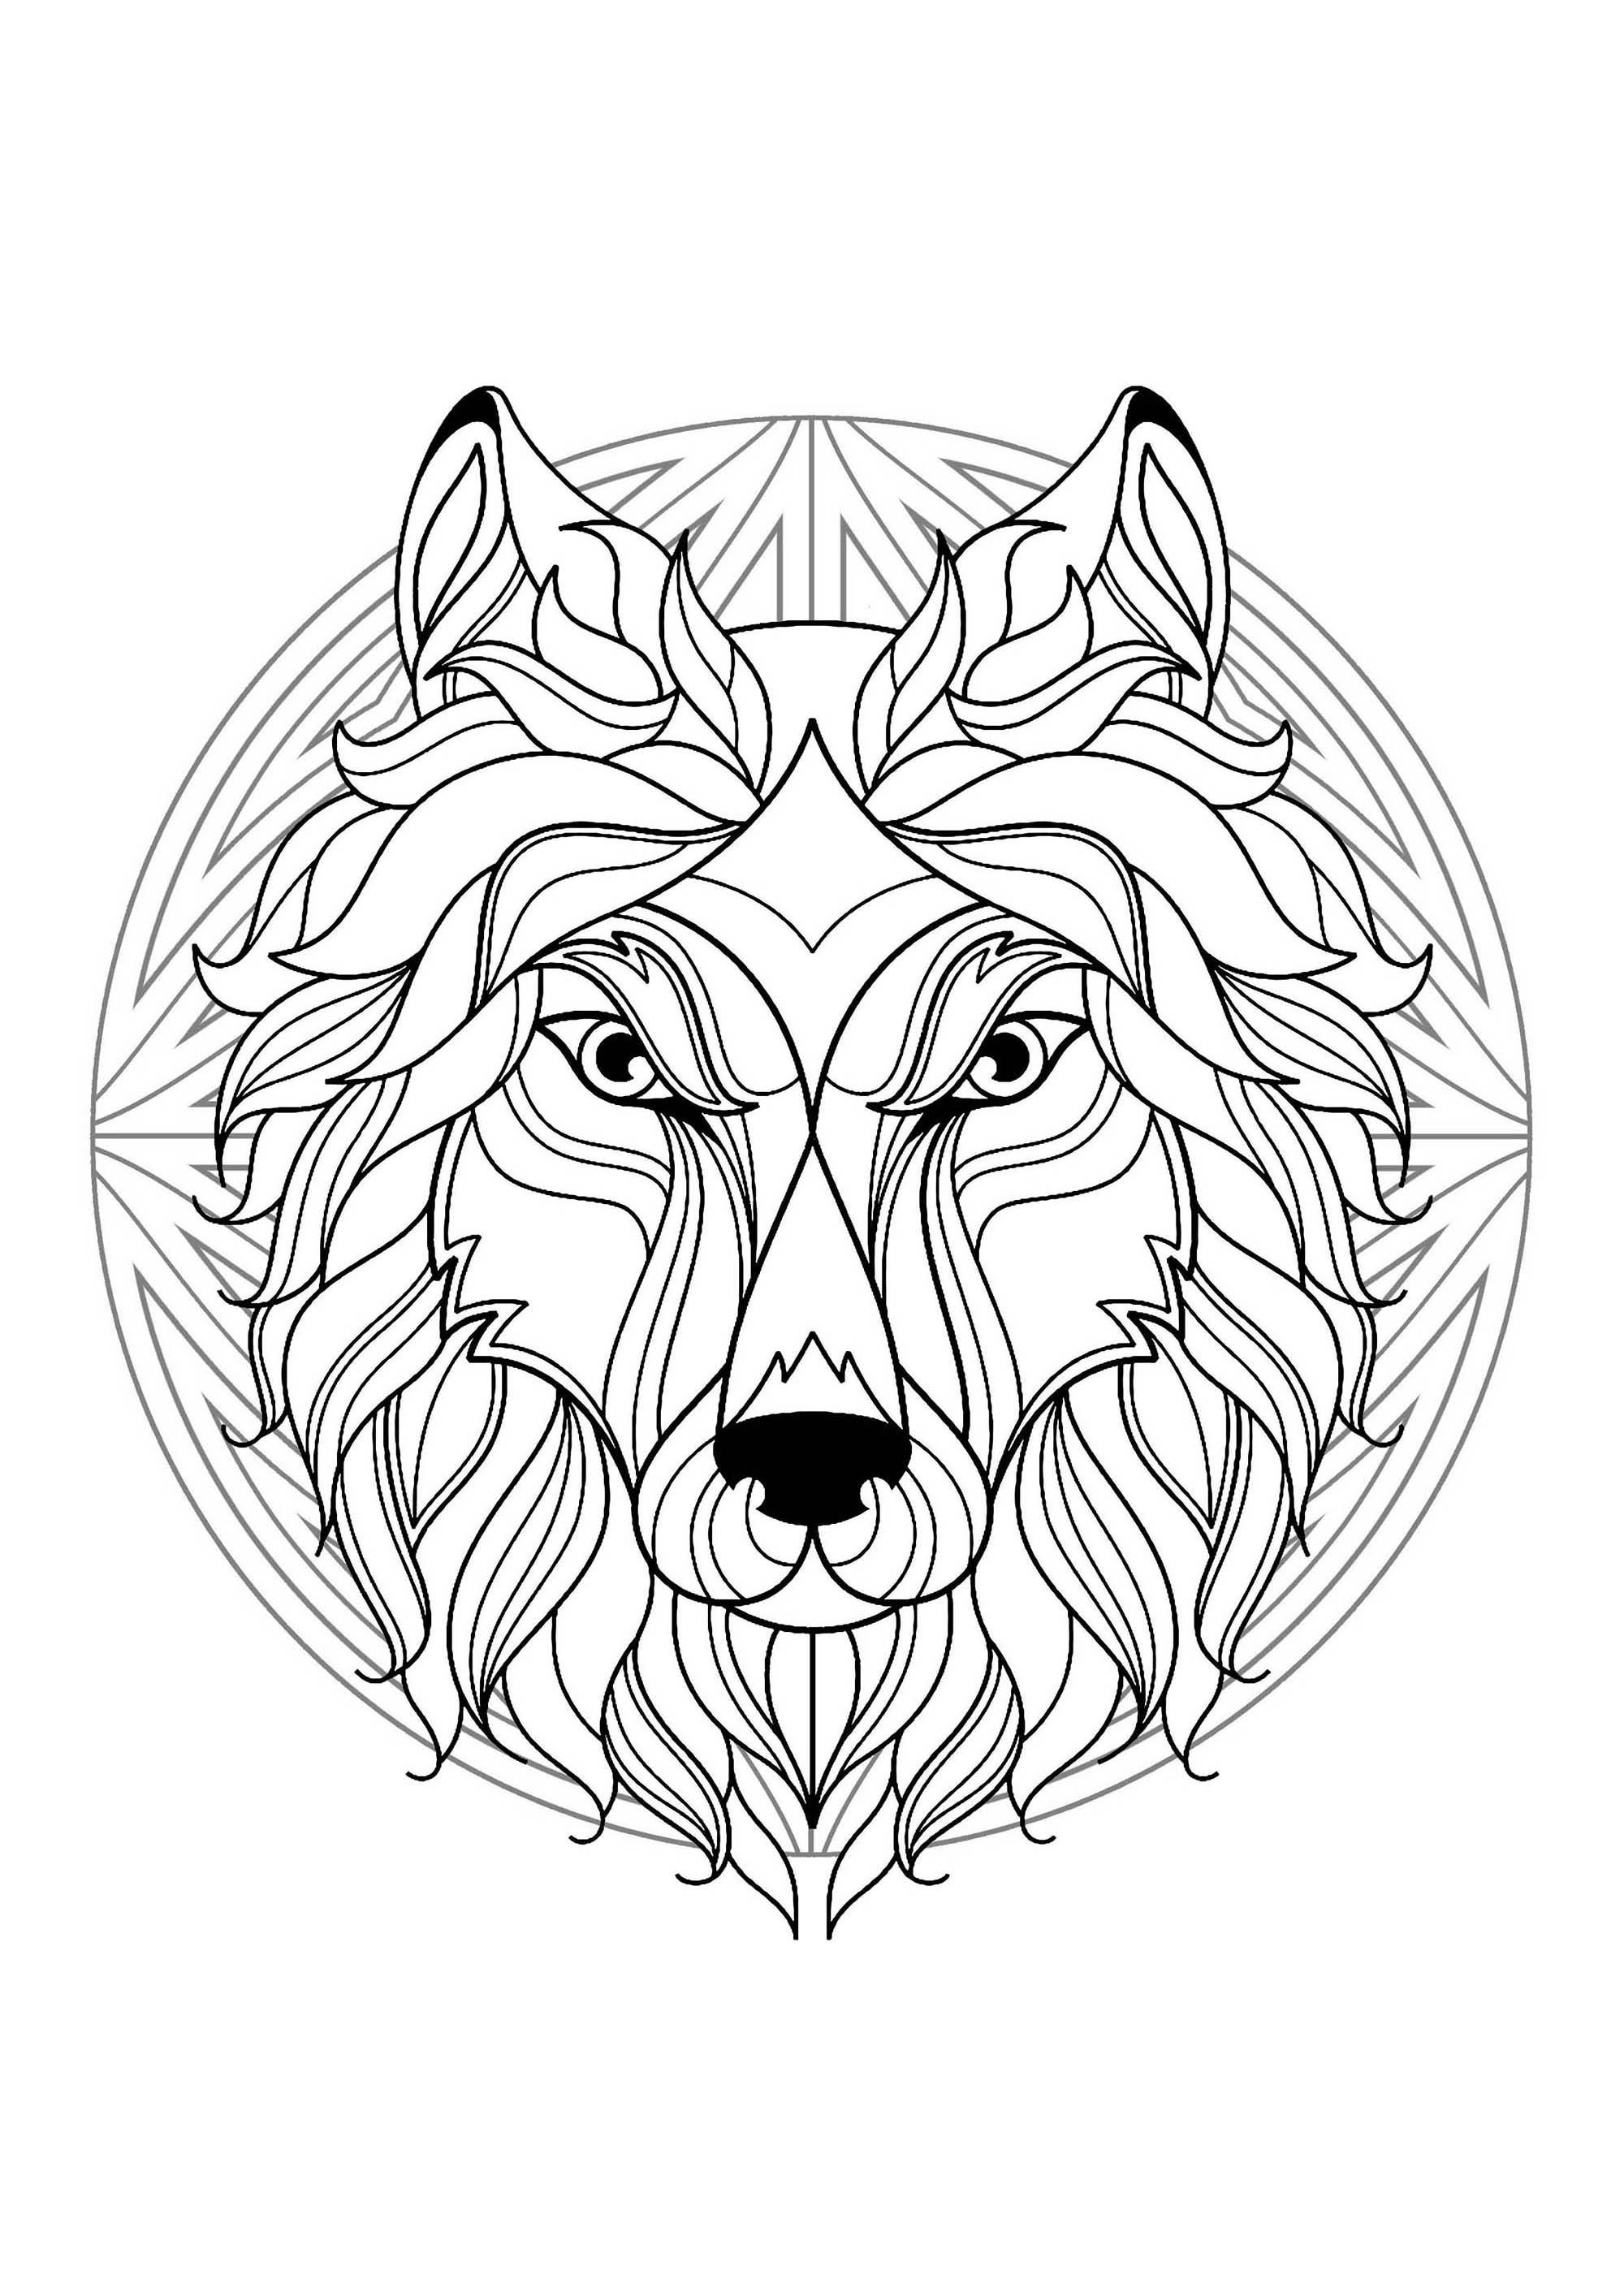 Mandala tete loup 1 mandalas coloriages difficiles pour adultes - Dessin mandela ...